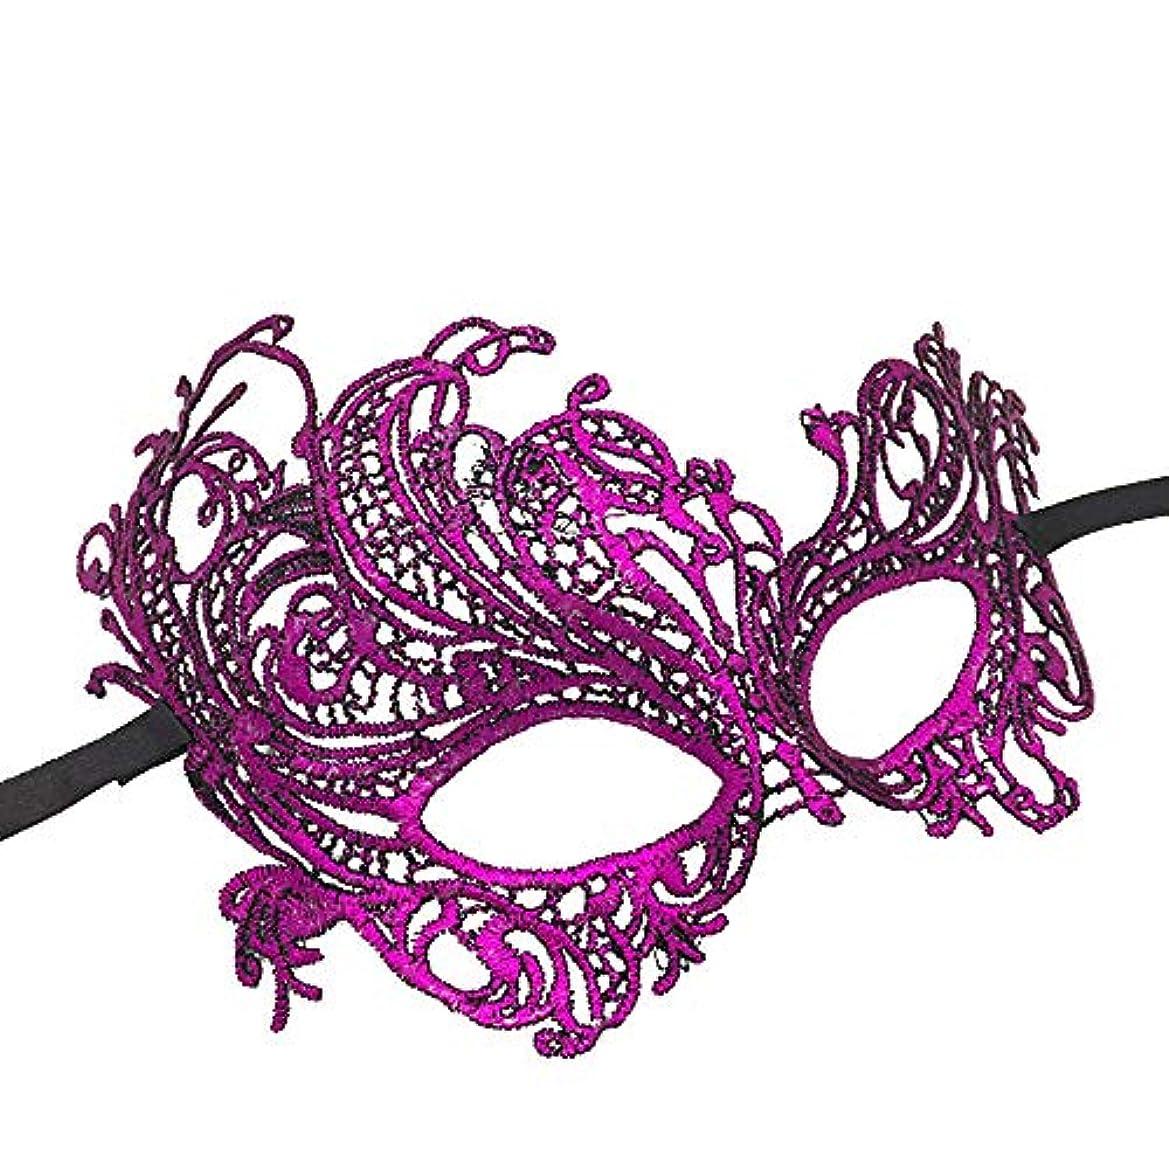 多様体どのくらいの頻度でマウントバンクAuntwhale ハロウィンマスク大人恐怖コスチューム、パーティーファンシー仮装ハロウィンマスク、フェスティバル通気性ギフトヘッドマスク - パープル